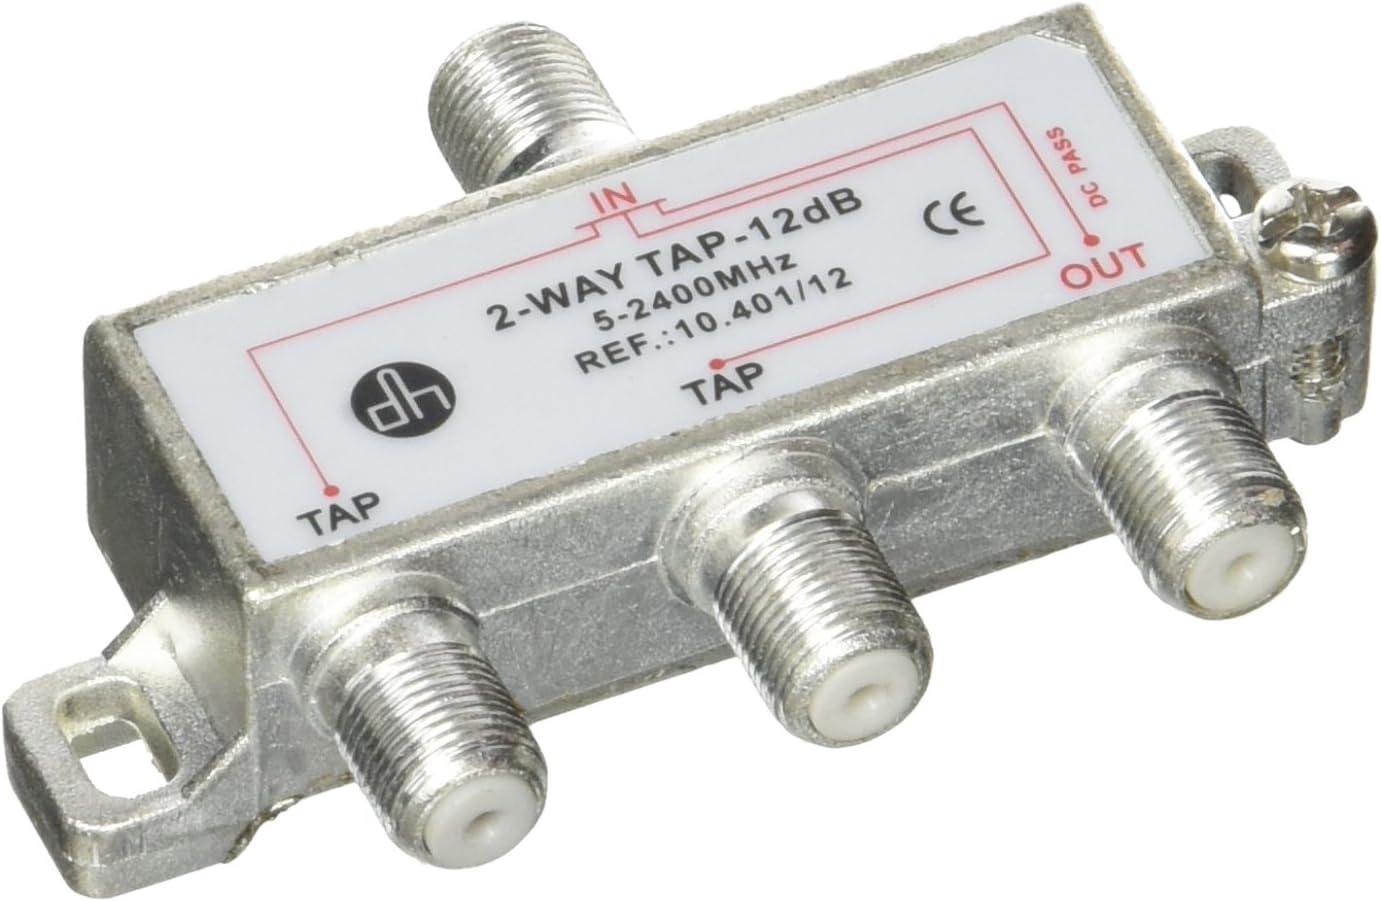 Cablematic - Derivador de 2 vías para TV/SAT de 12 dB con ...